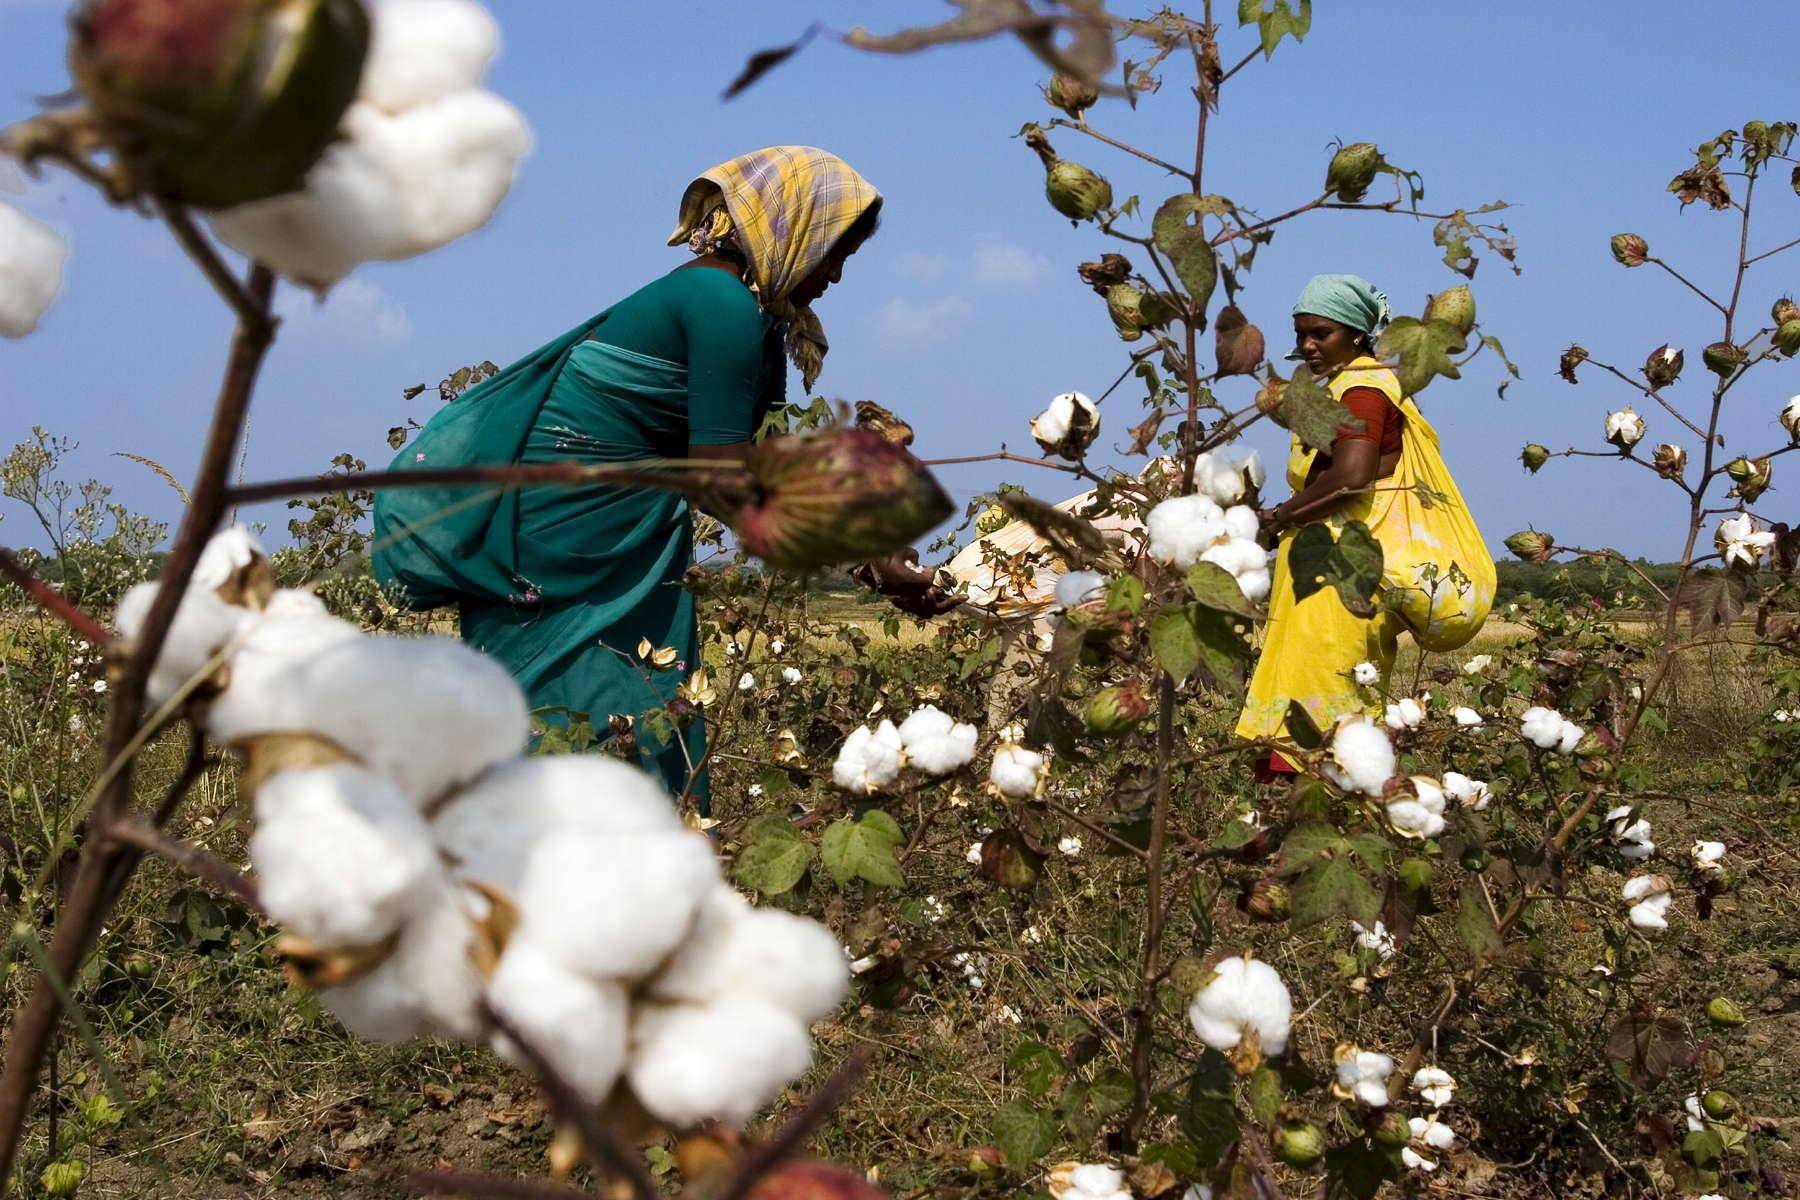 12.12.06.  Shyampetavelli, Warangal, Andhra Pradesh, Inde.Depuis l'implantation de Monsanto en 2002 dans le pays, 90 % des fermiers qui cultivaient du coton biologique, ont accepte de planter des graines de coton genetiquement modifiees (Bt) voyant ainsi la solution miracle pour faire du profit.